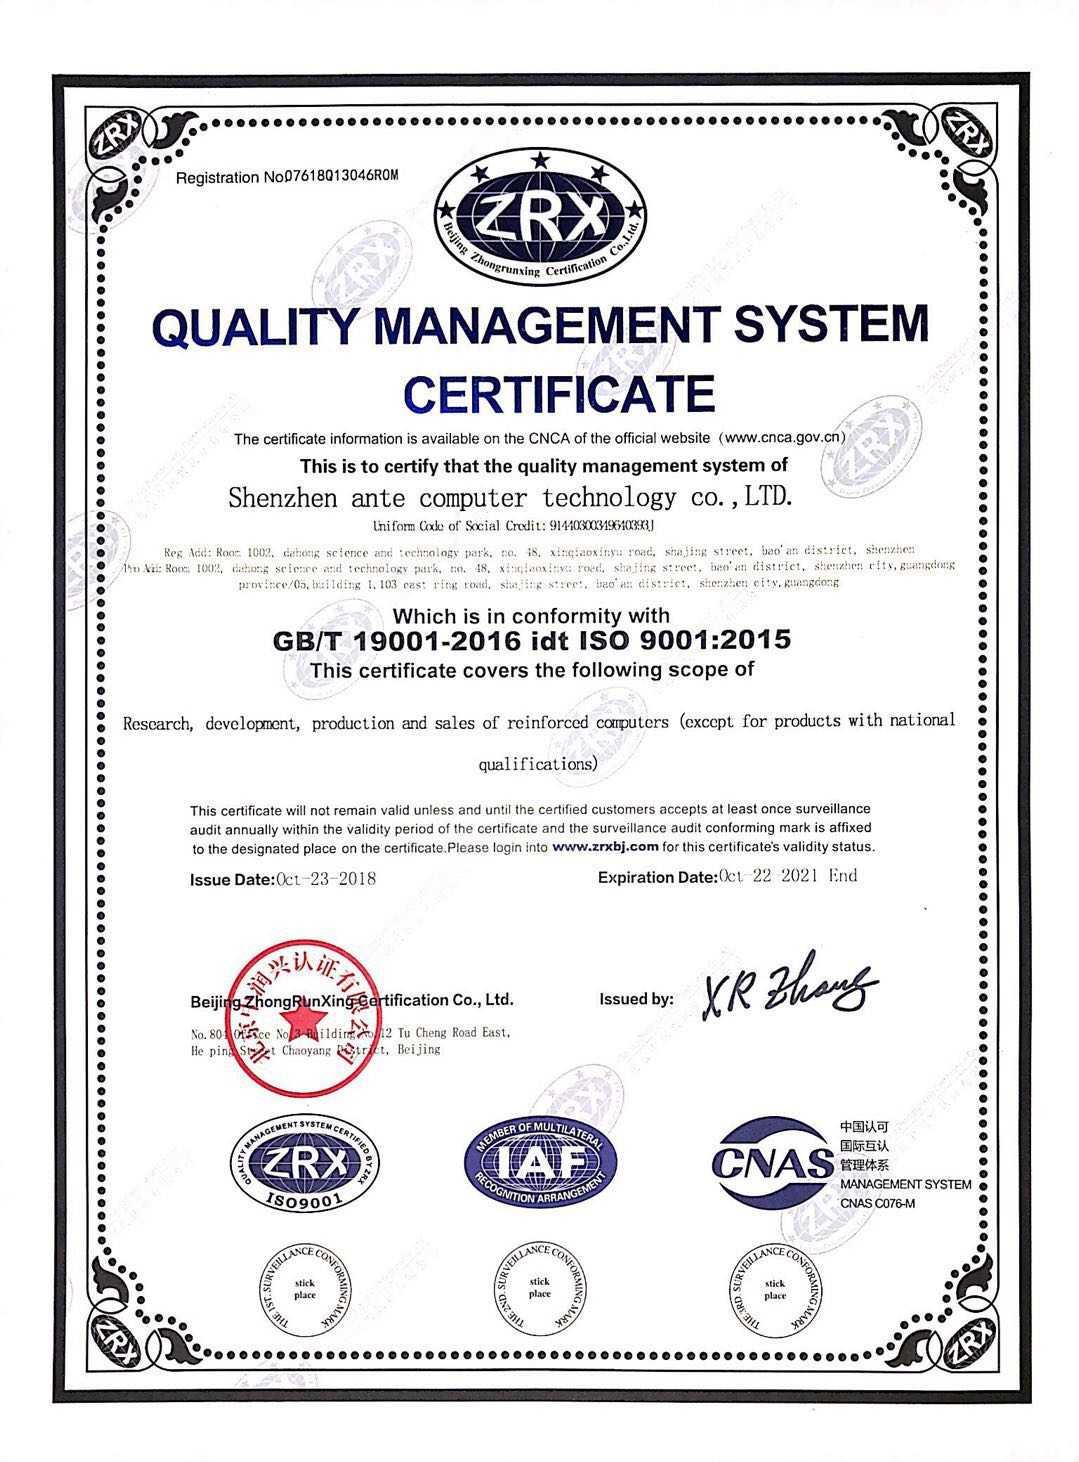 新版质量管理体系证书2